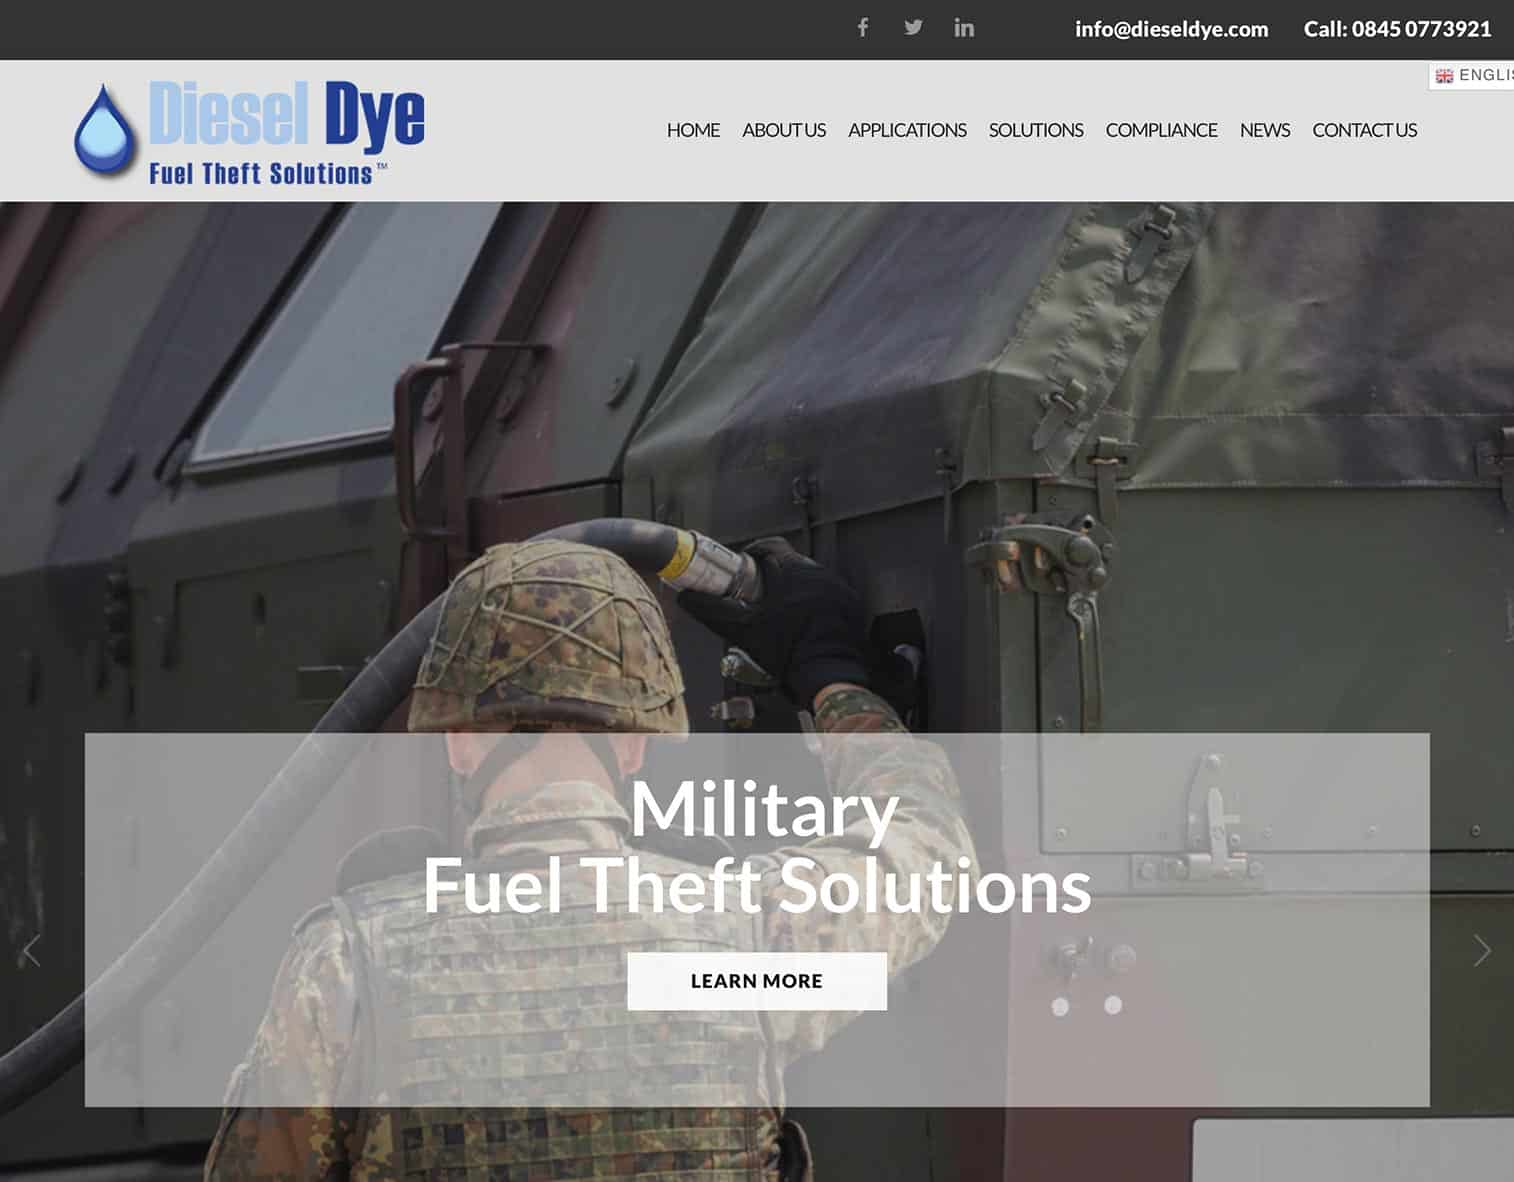 Diesel Dye Website